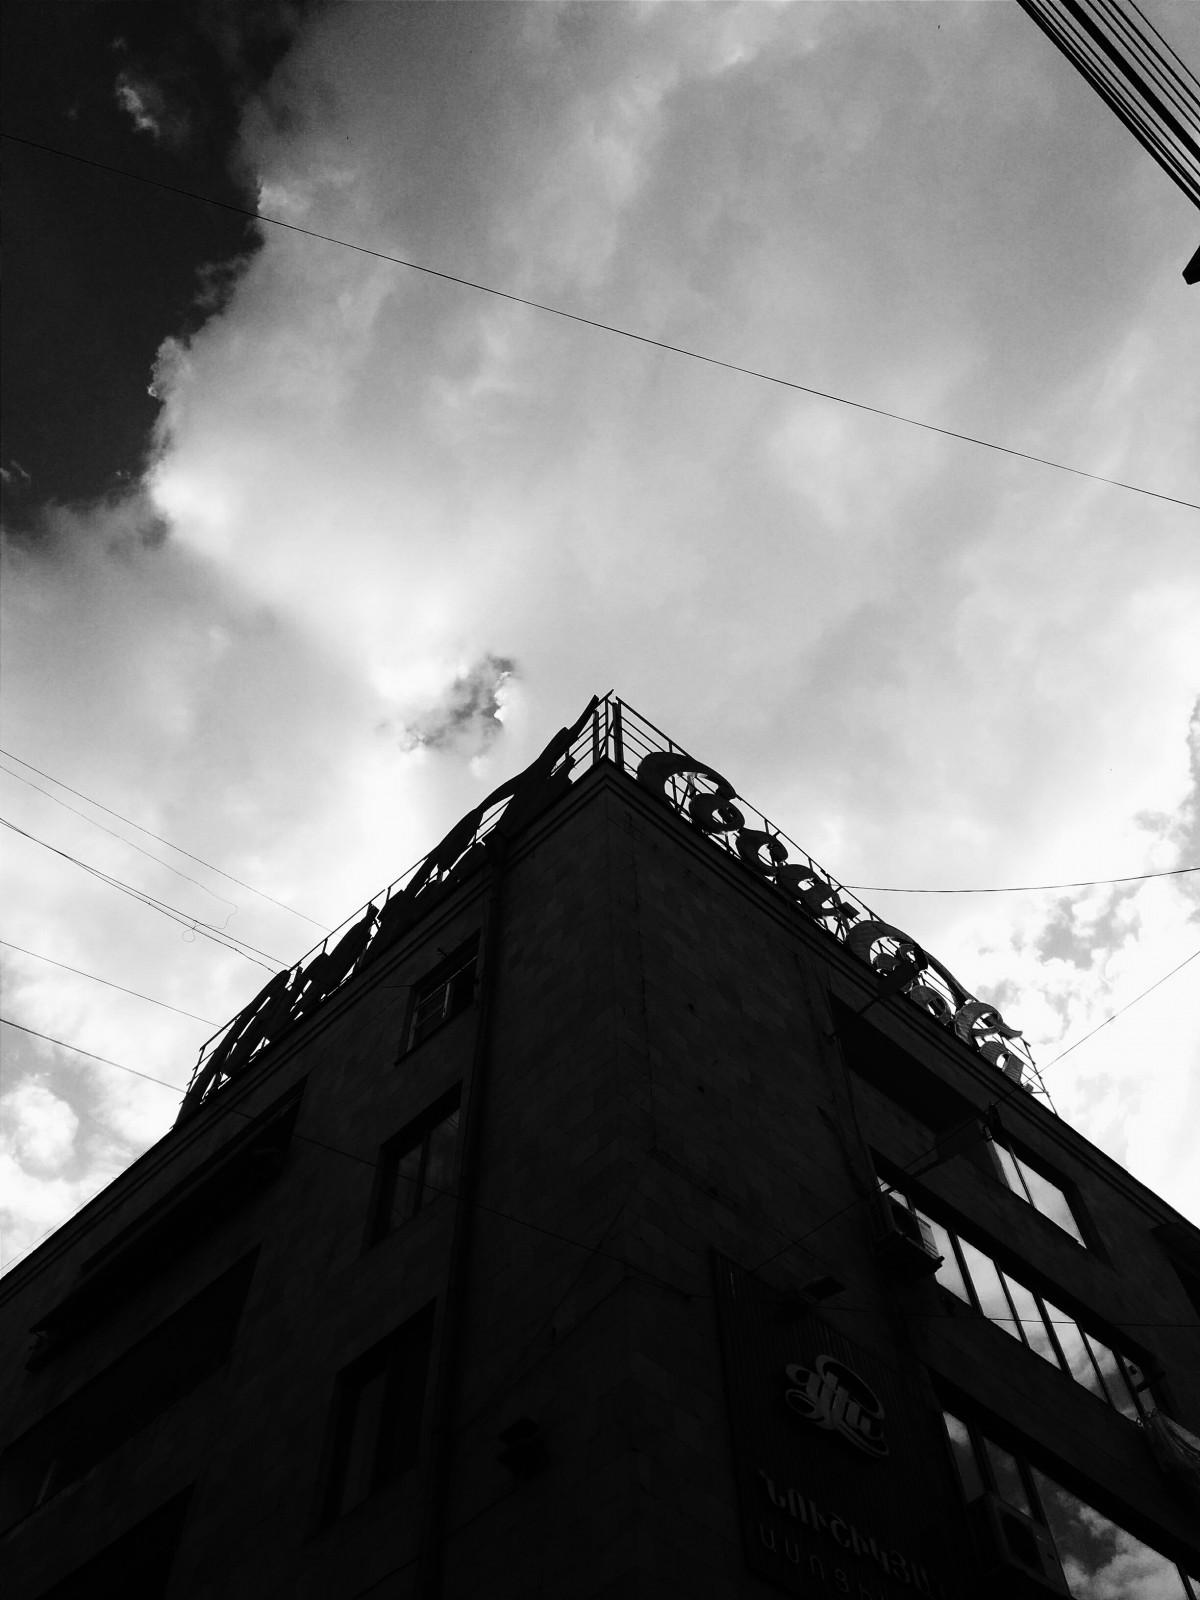 Kostenlose foto : Licht, Wolke, Schwarz und weiß, Himmel ...